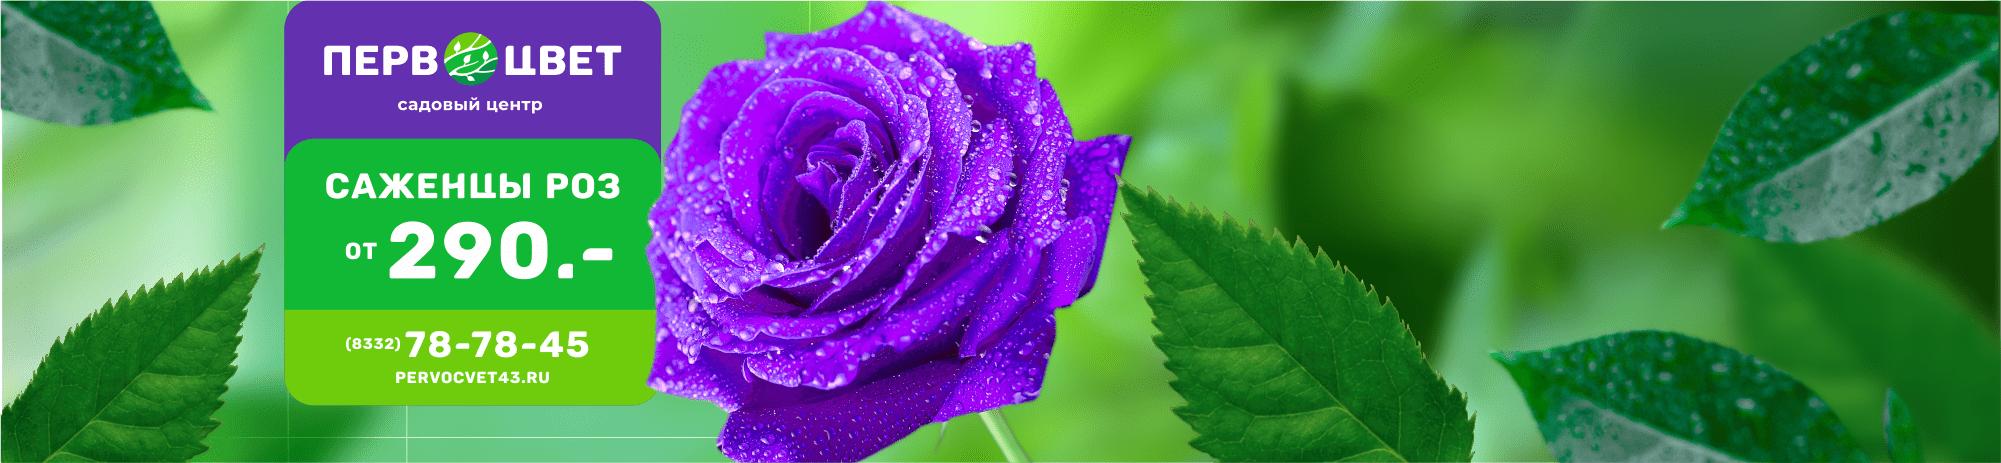 Слайдер роза от 290 руб